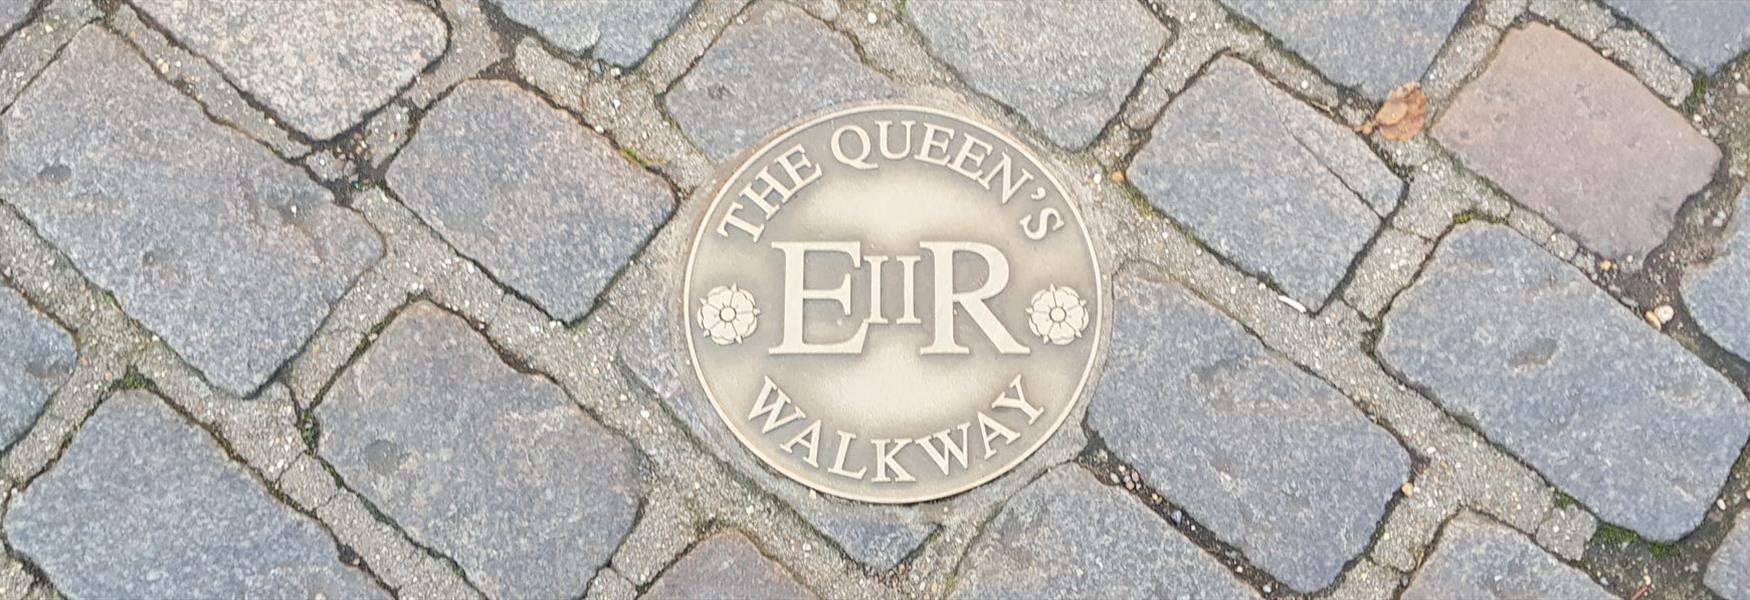 Follow The Queen's Walkway